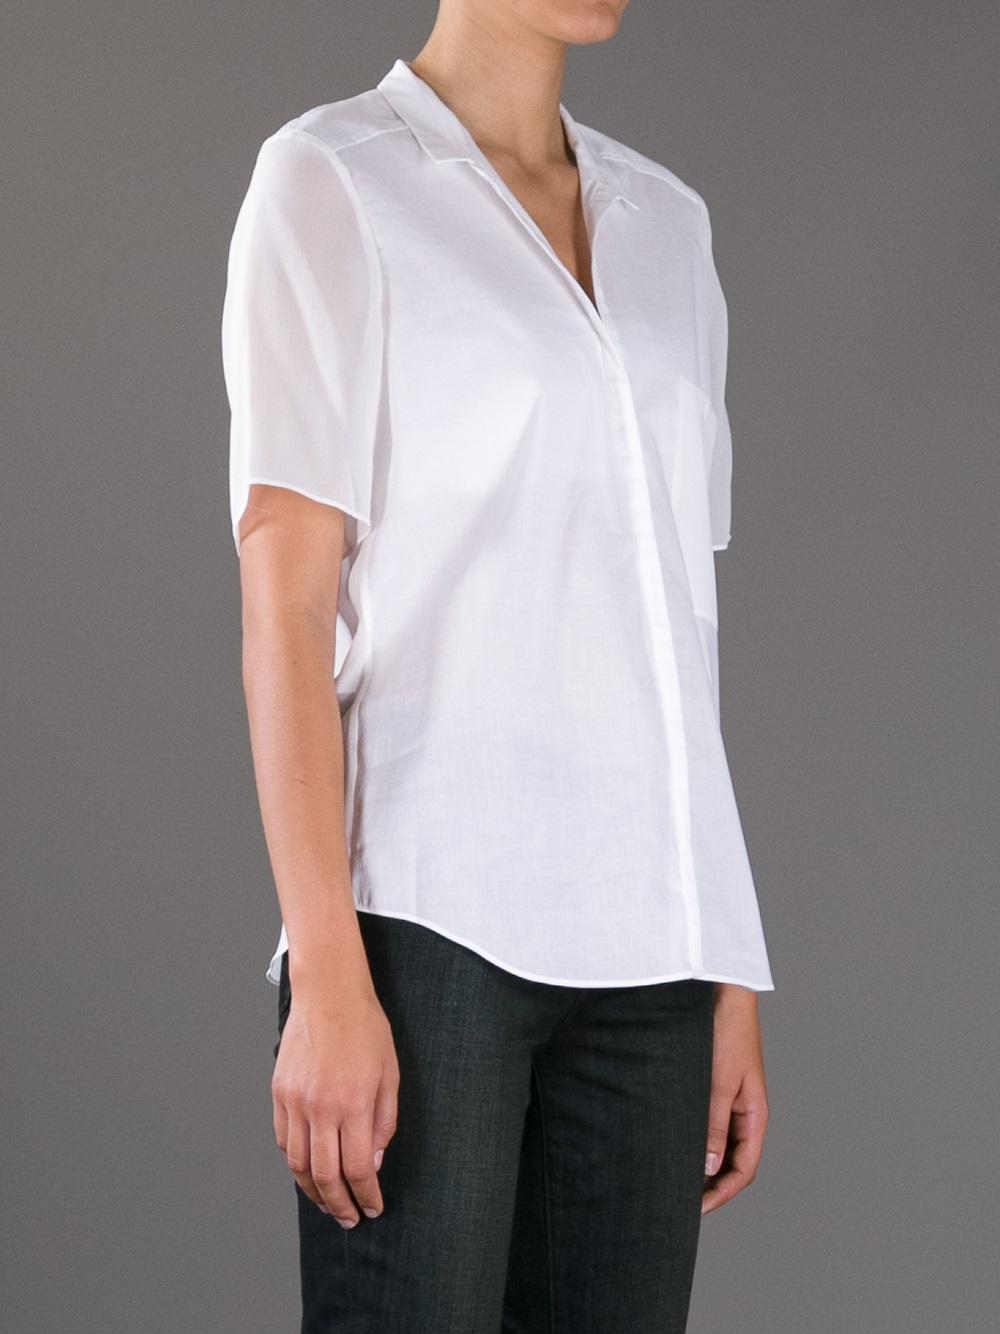 helmut lang short sleeve shirt in white lyst. Black Bedroom Furniture Sets. Home Design Ideas